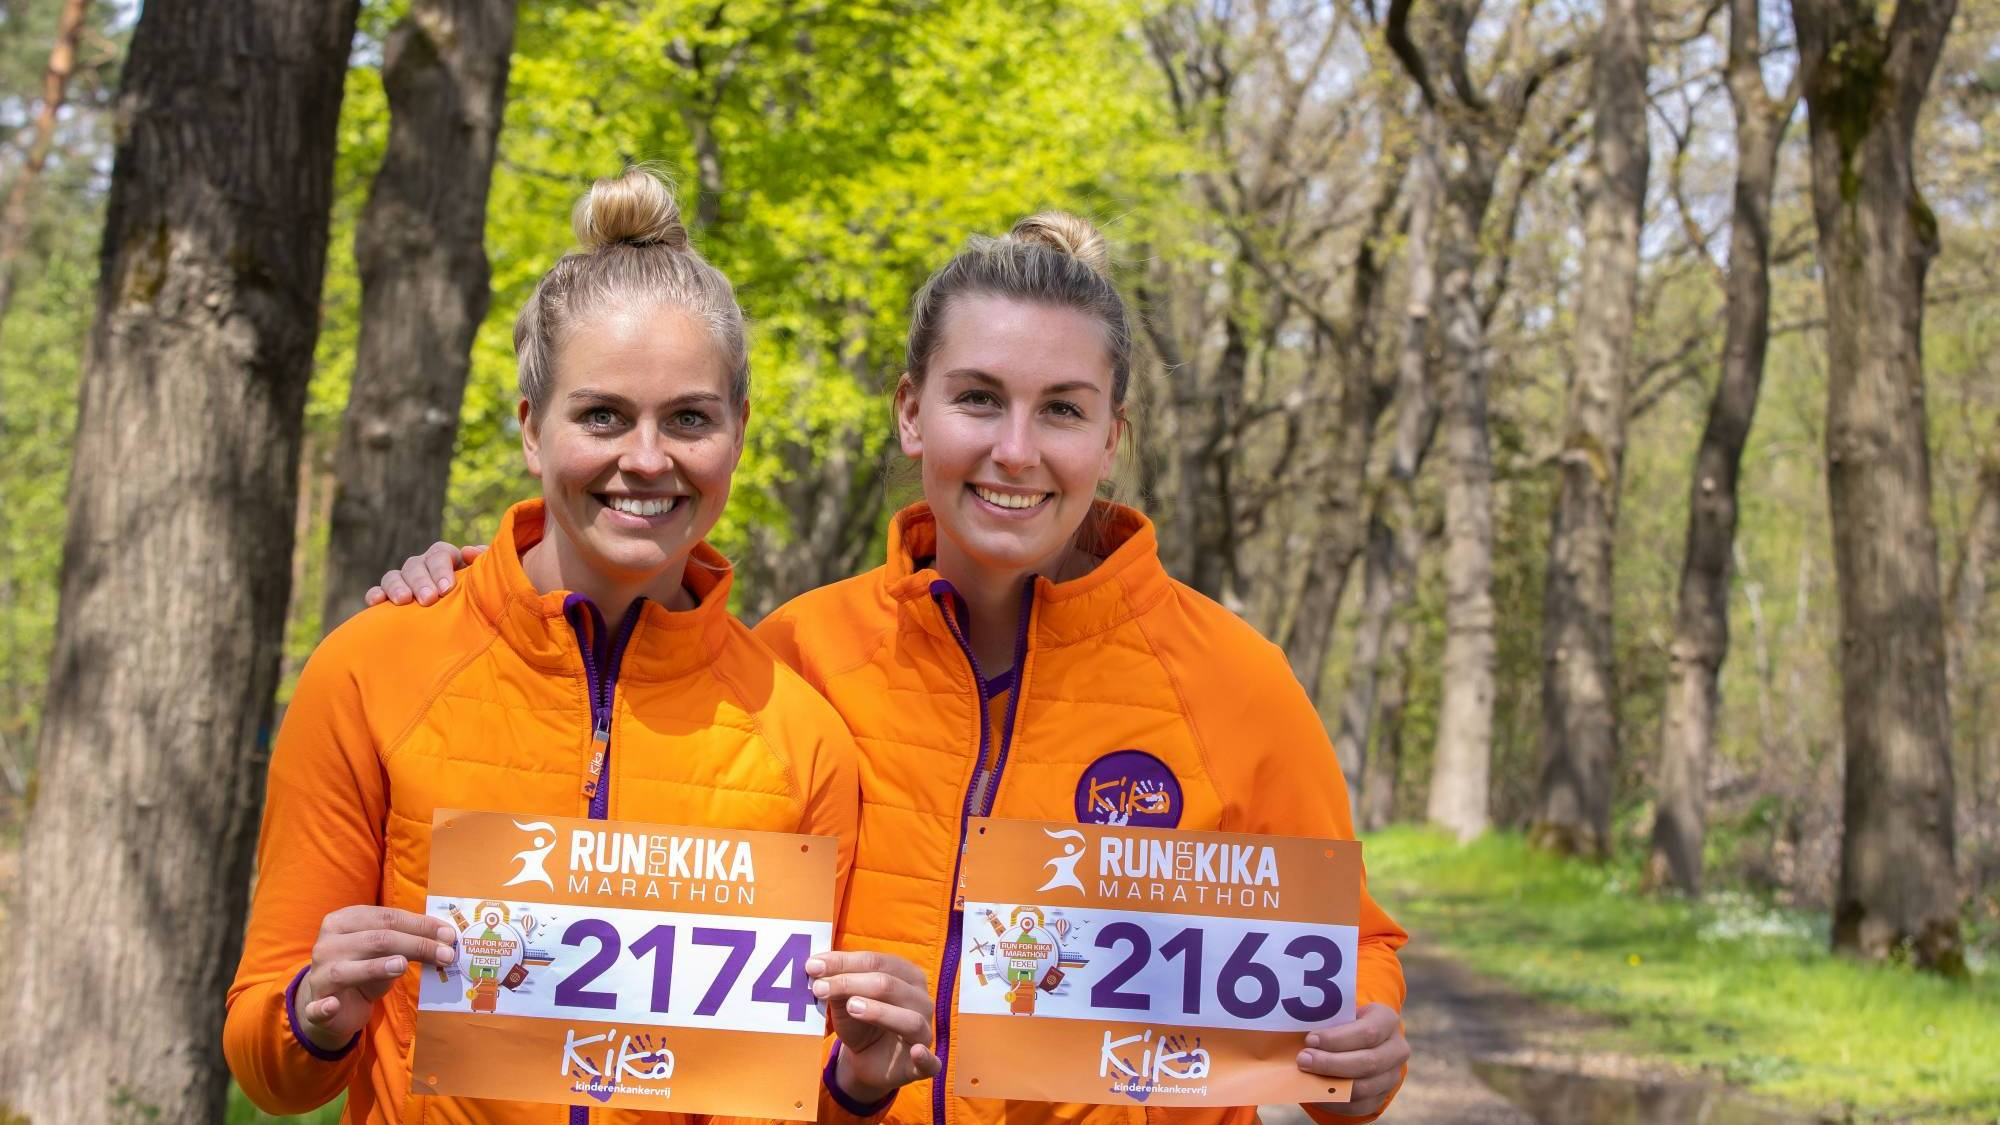 Deelnemers met startbewijs voor Run for KiKa Marathon Veluwe.